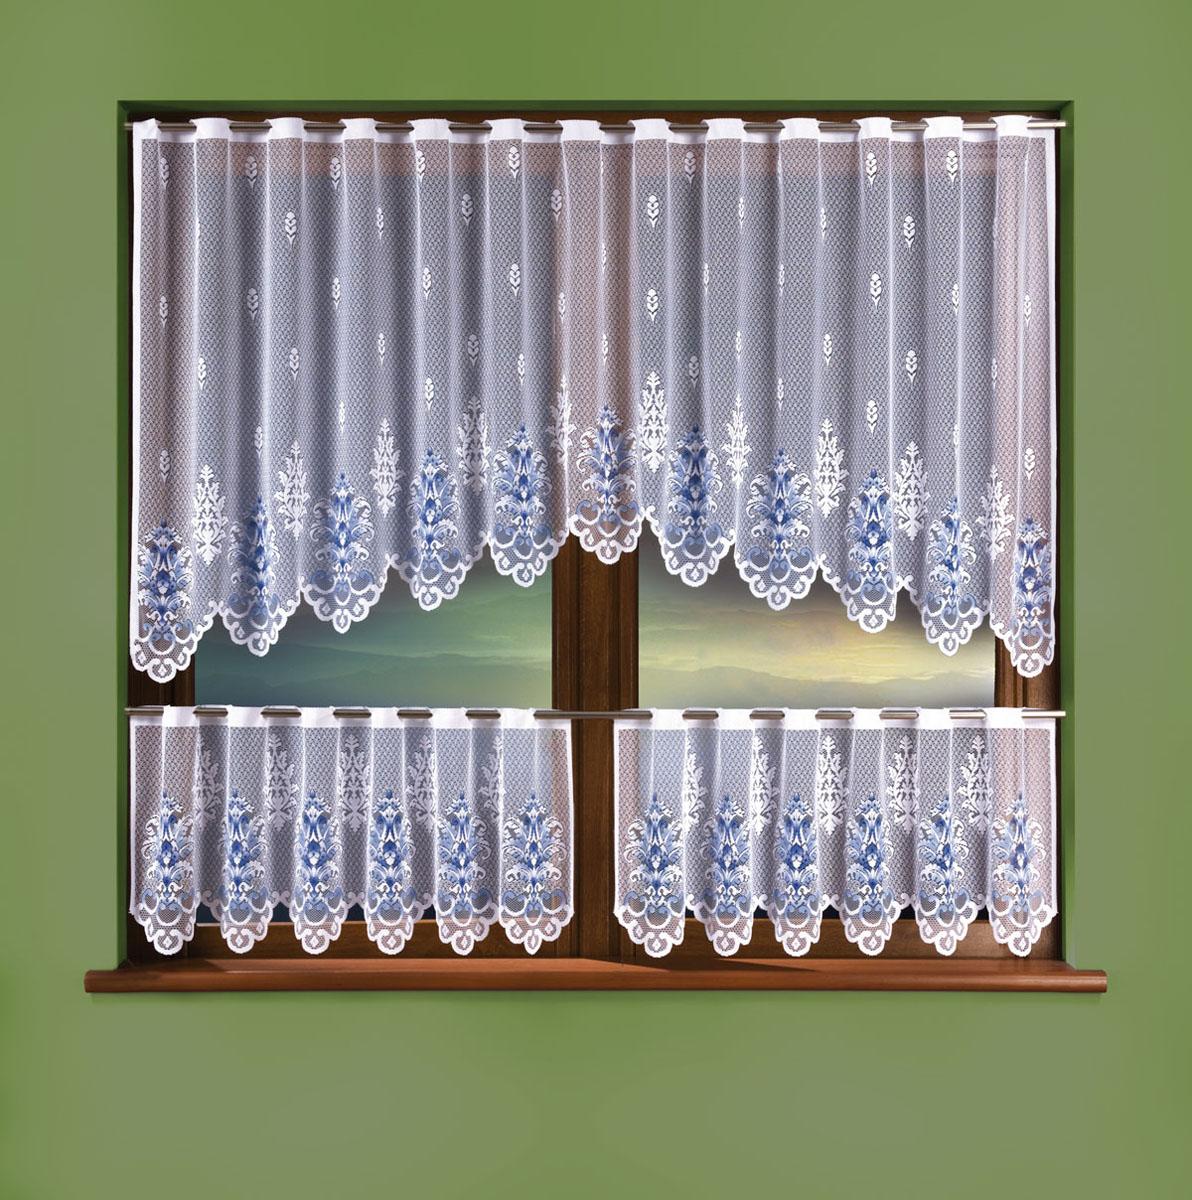 Комплект штор Wisan, цвет: белый, высота 50 см88827Комплект штор для кухни, крепление зажимы для штор.Размеры: 240*90+ (130*50)*2